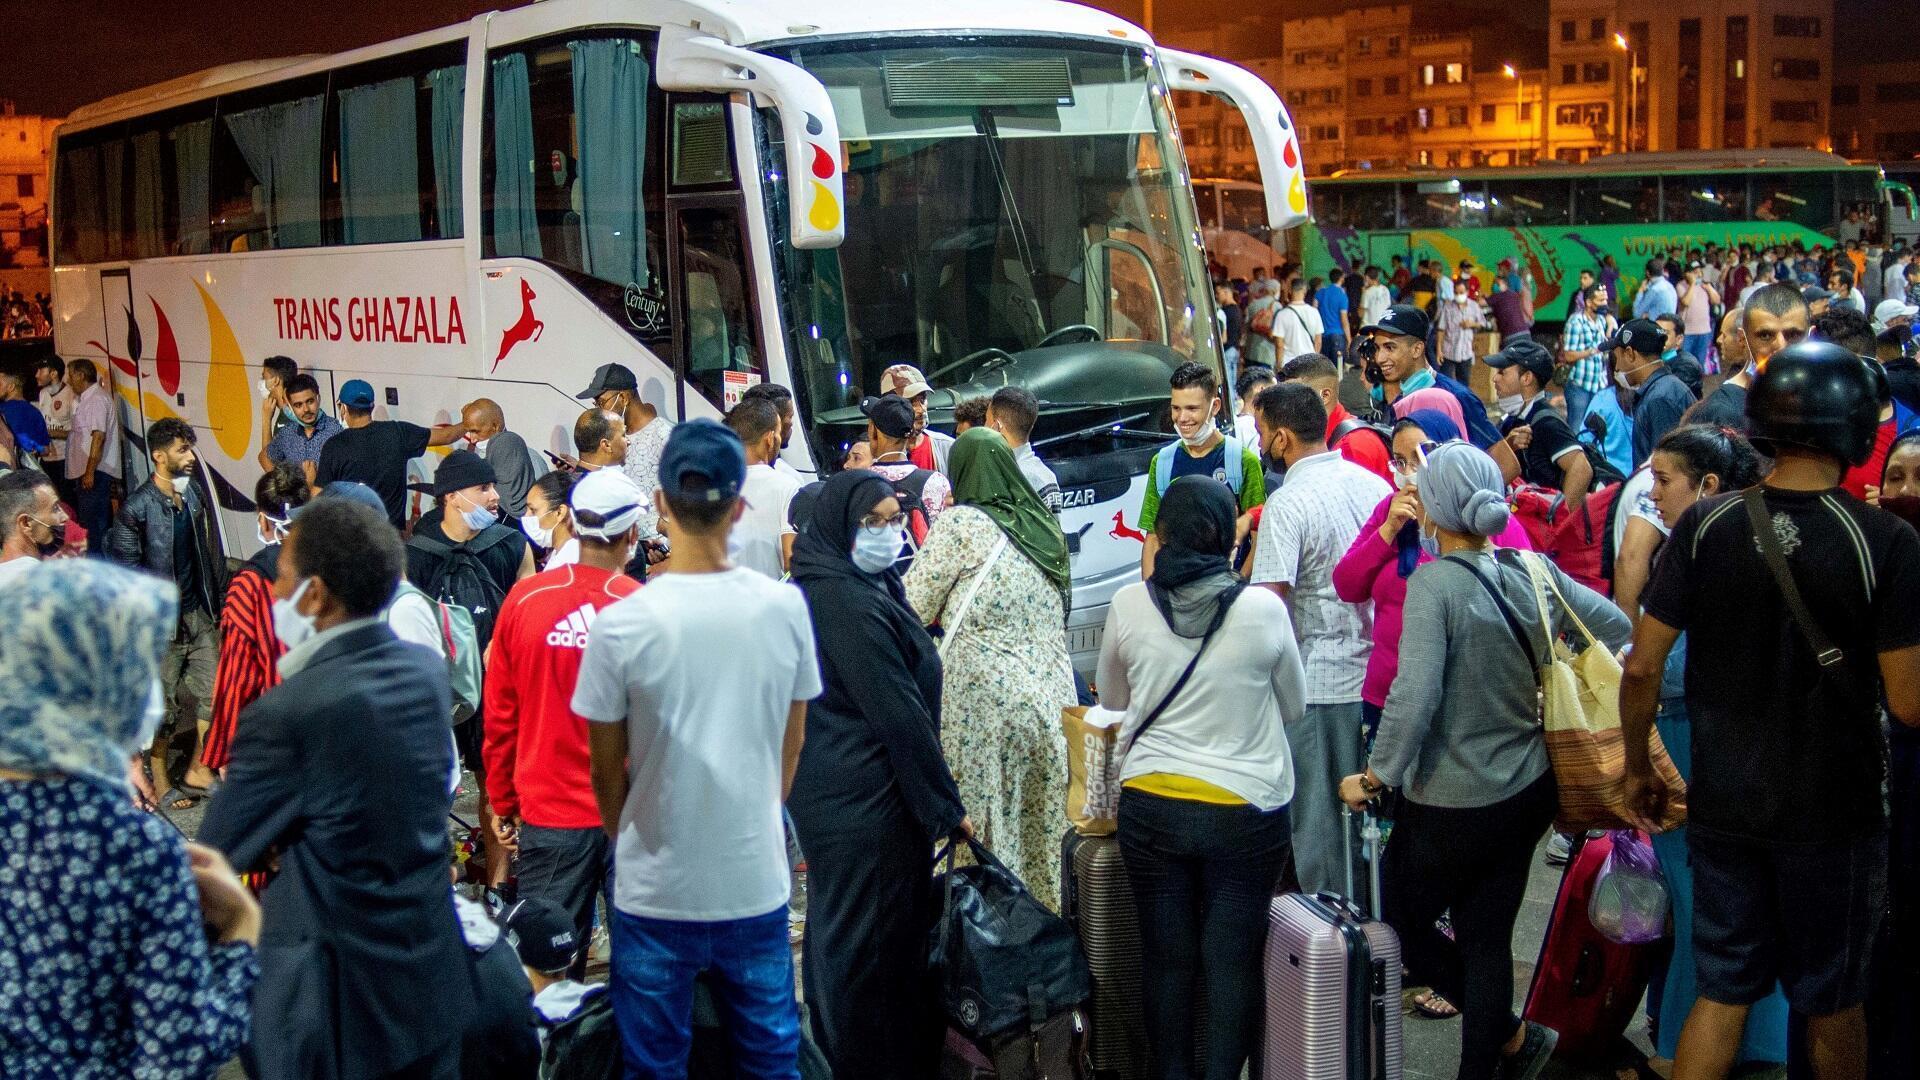 تكدس للركاب في محطة أولاد زيان للحافلات بمدينة الدار البيضاء المغربية، 26 يوليو/تموز 2020.